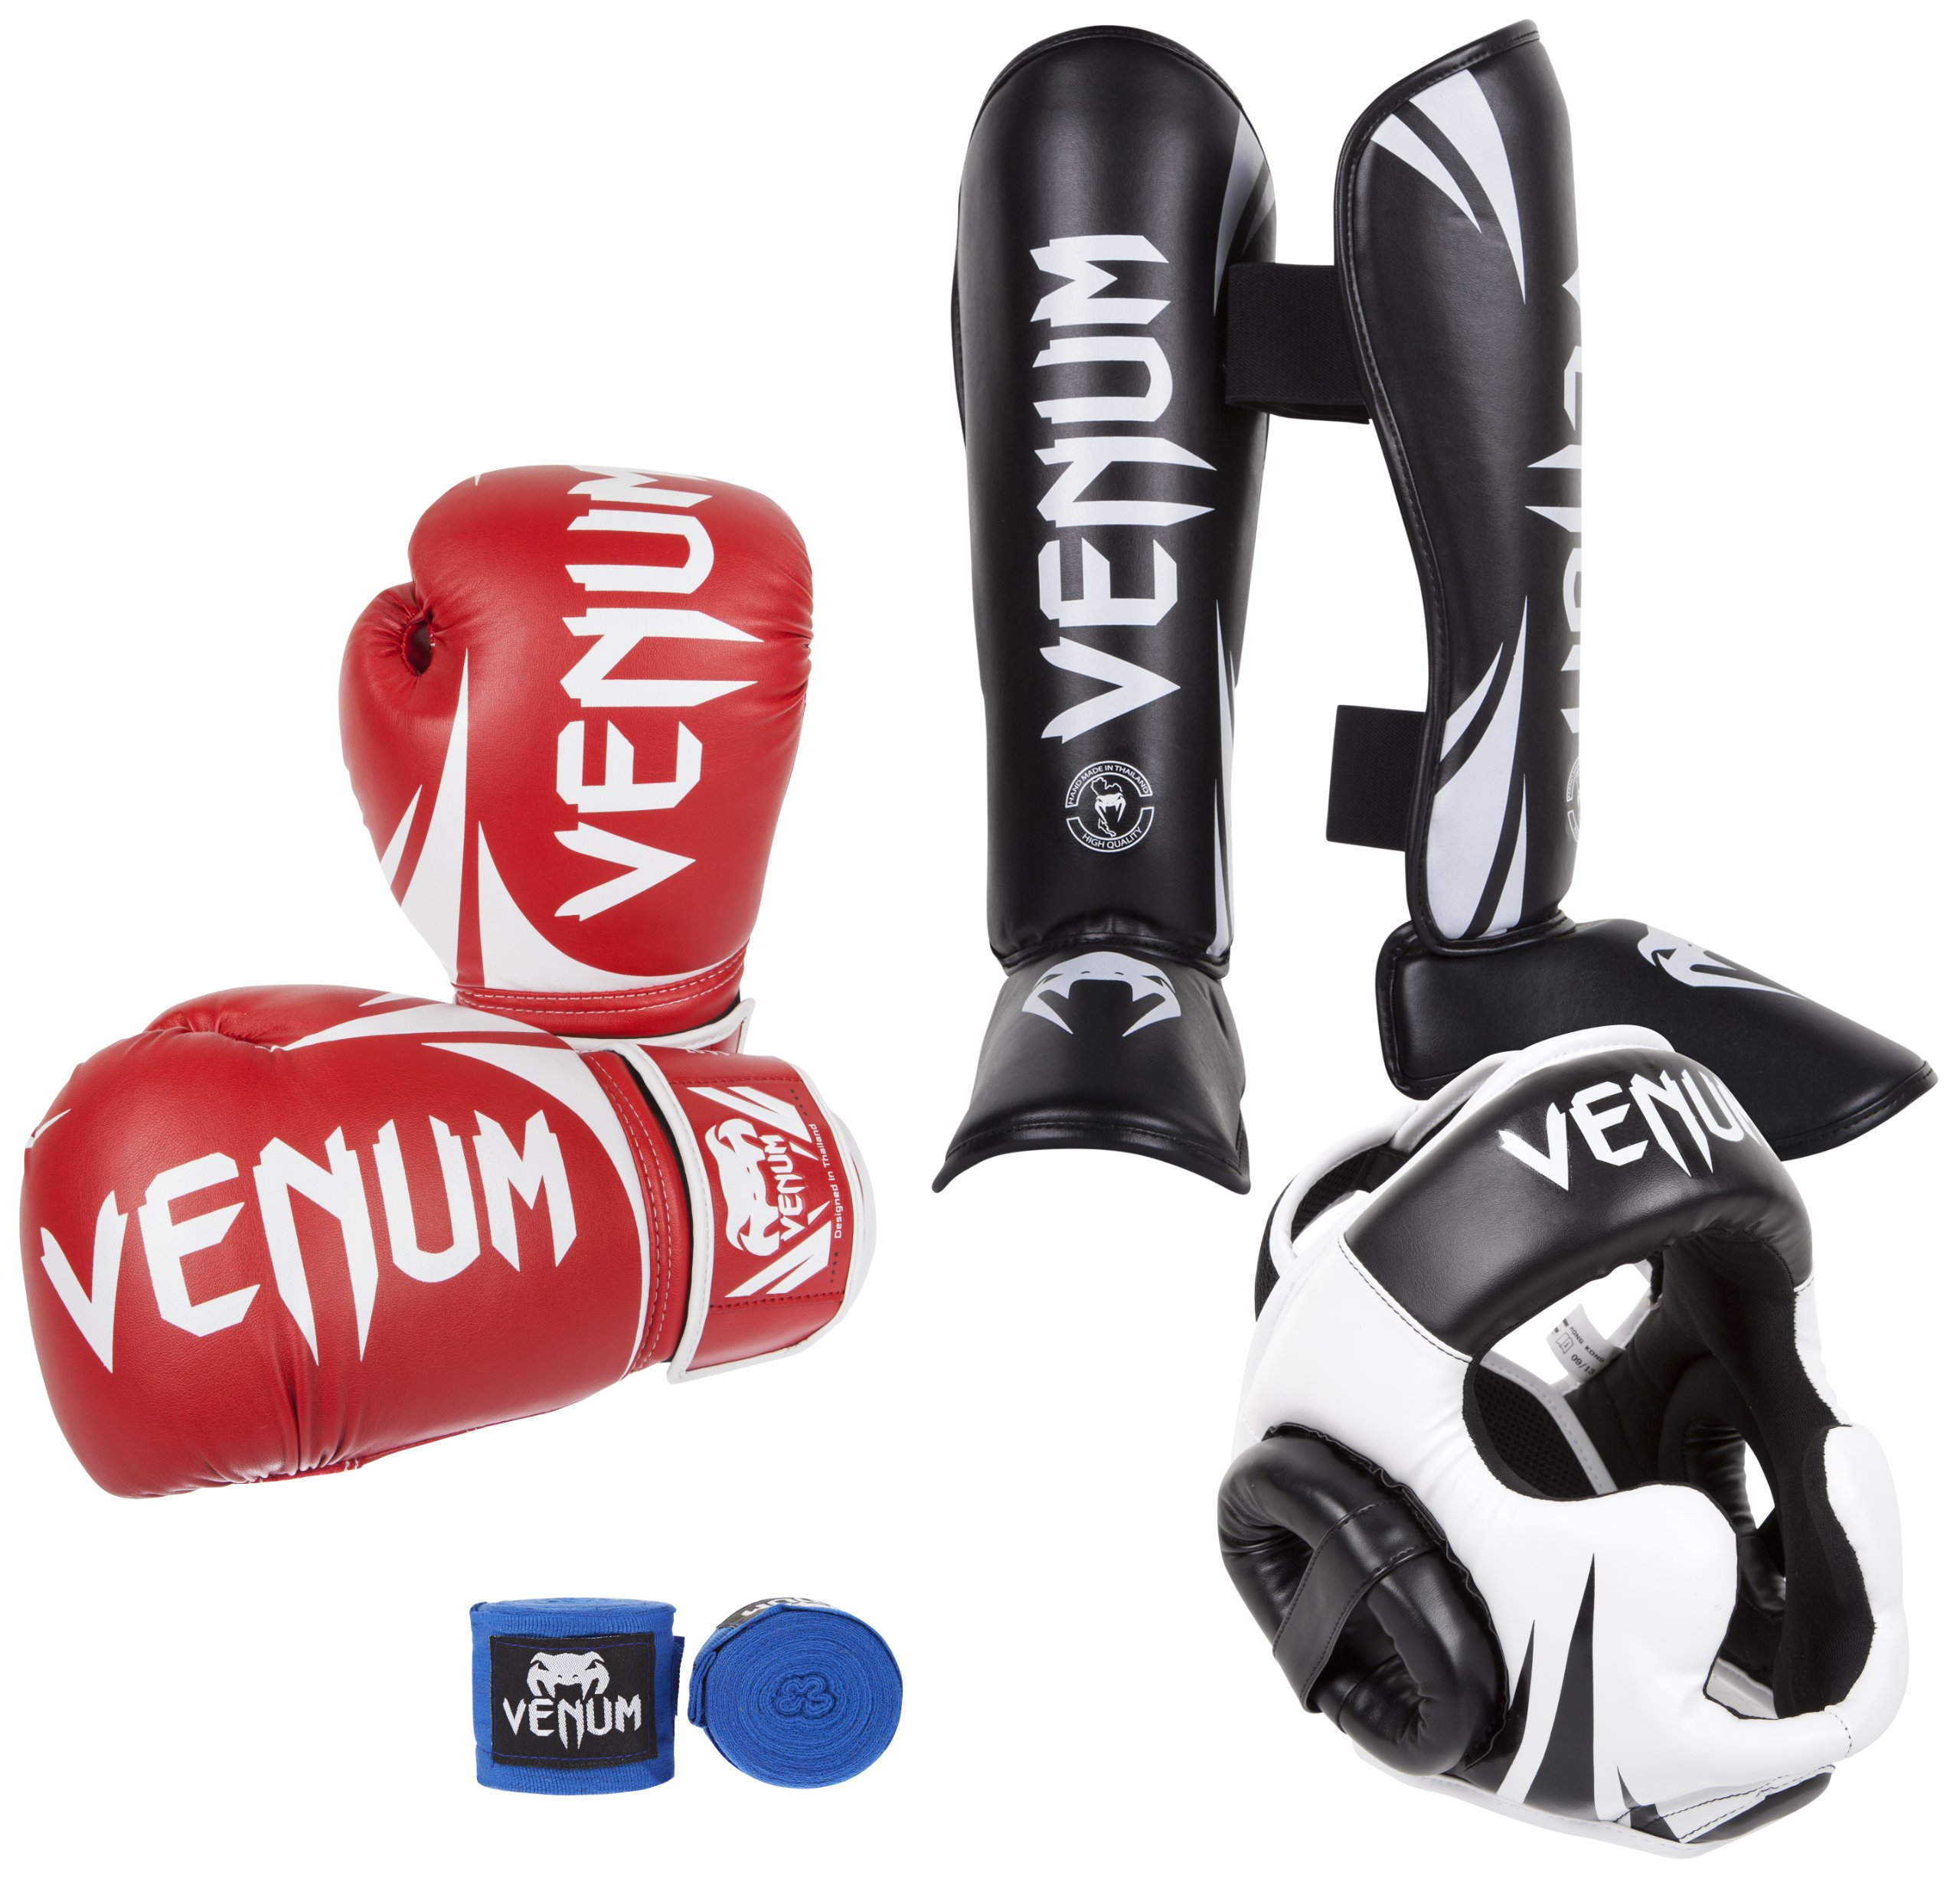 Venum Challenger 2.0 Standup Bundle, Red Gloves, Black Shinguards, Black/White Headgear, Blue Handwraps, 12-Ounces Gloves, Medium Shinguards, Headgear One Size, Handwraps 4M by Venum